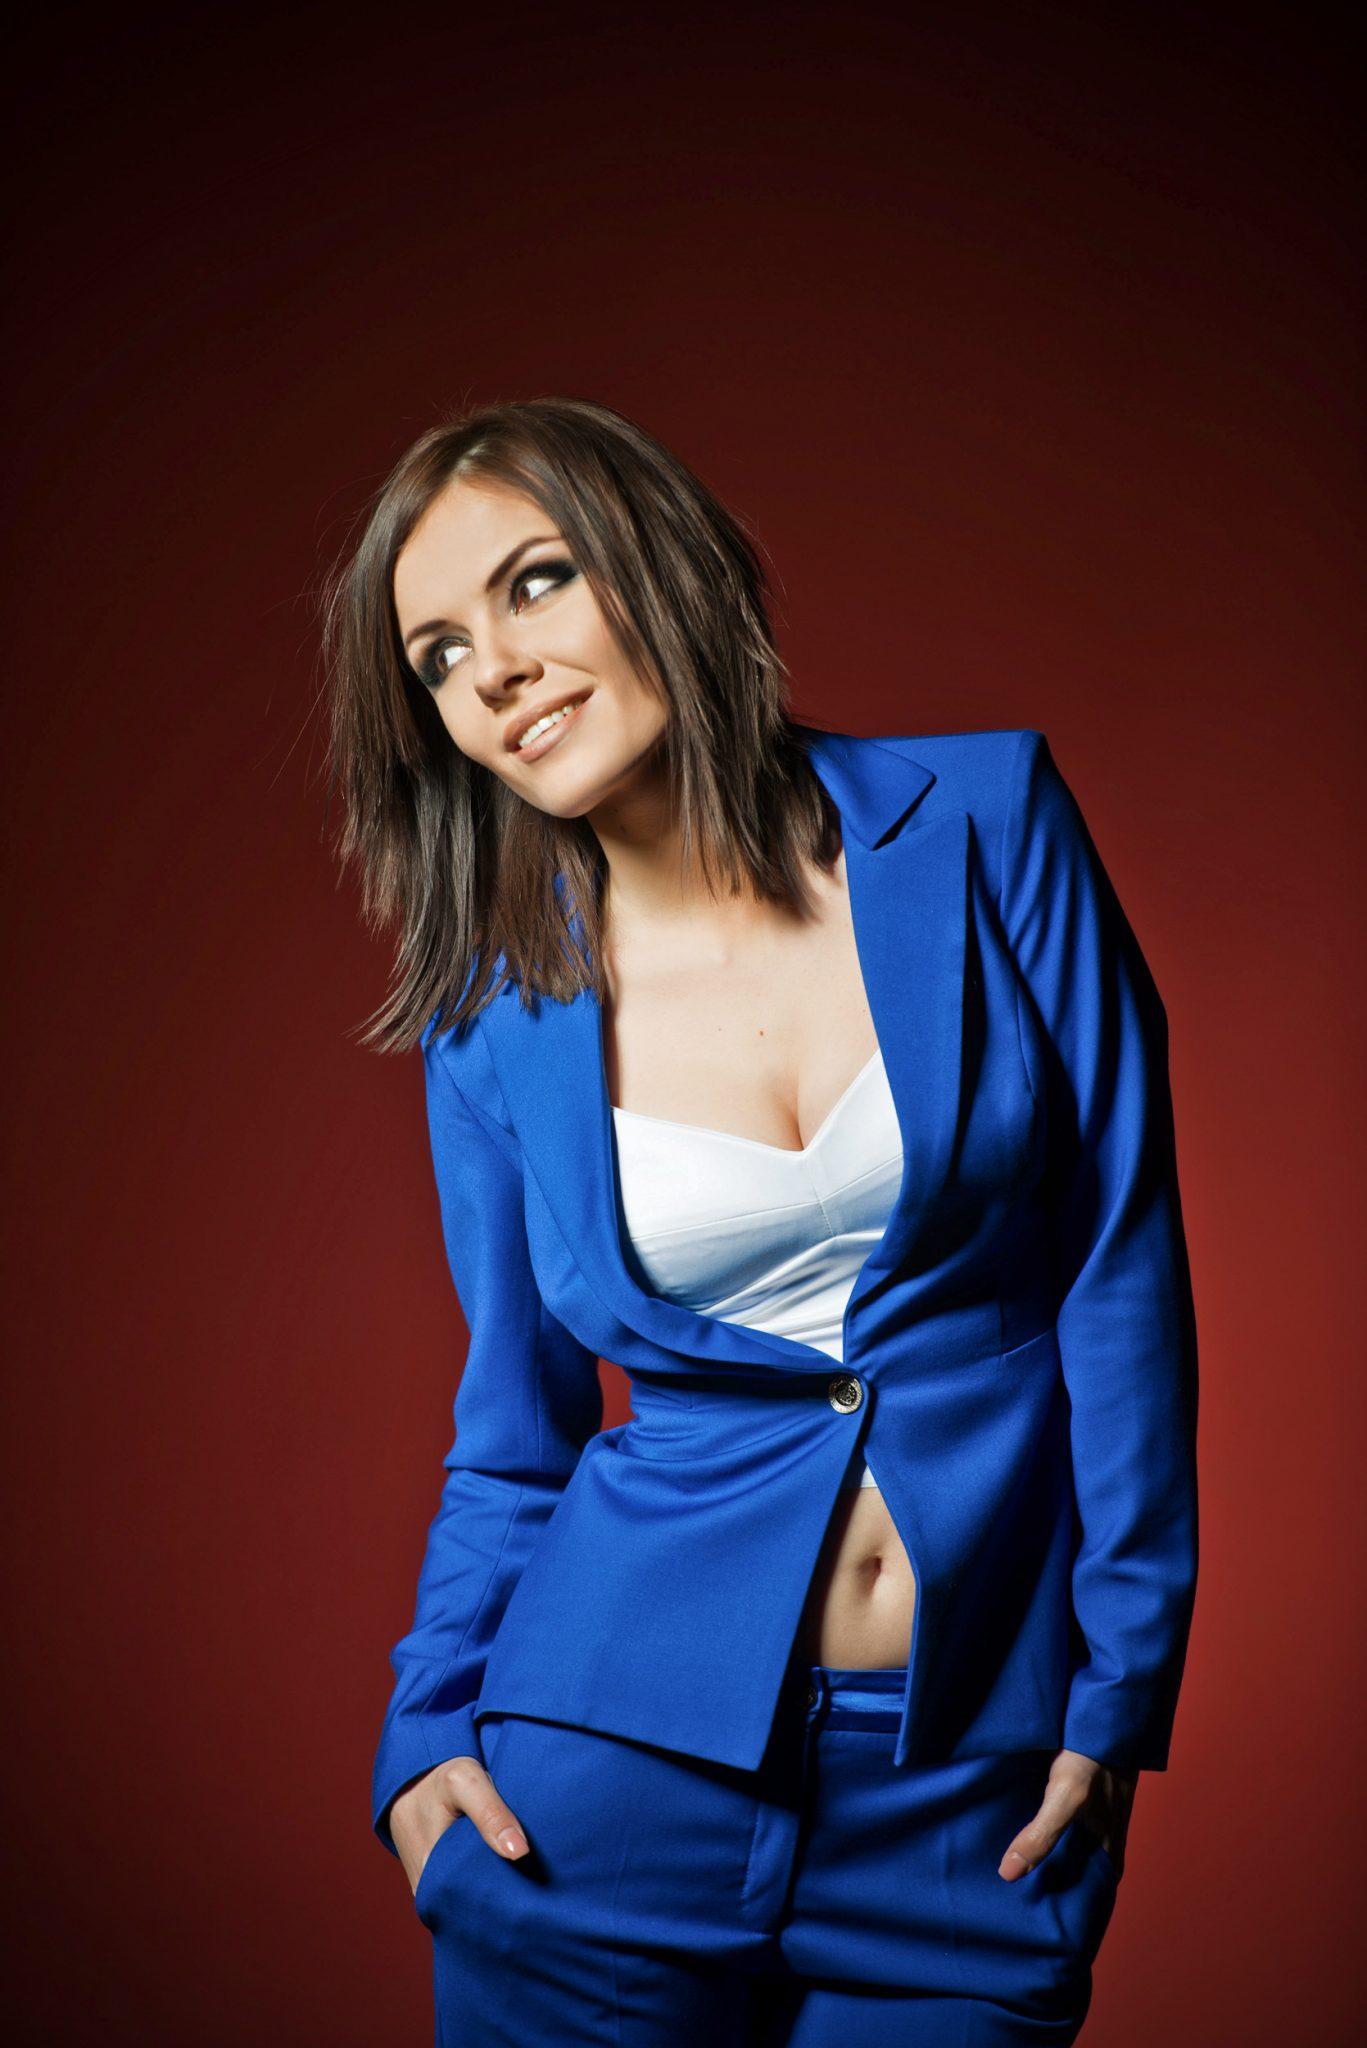 Фотосессия Премиум певица Эрика на красном фоне